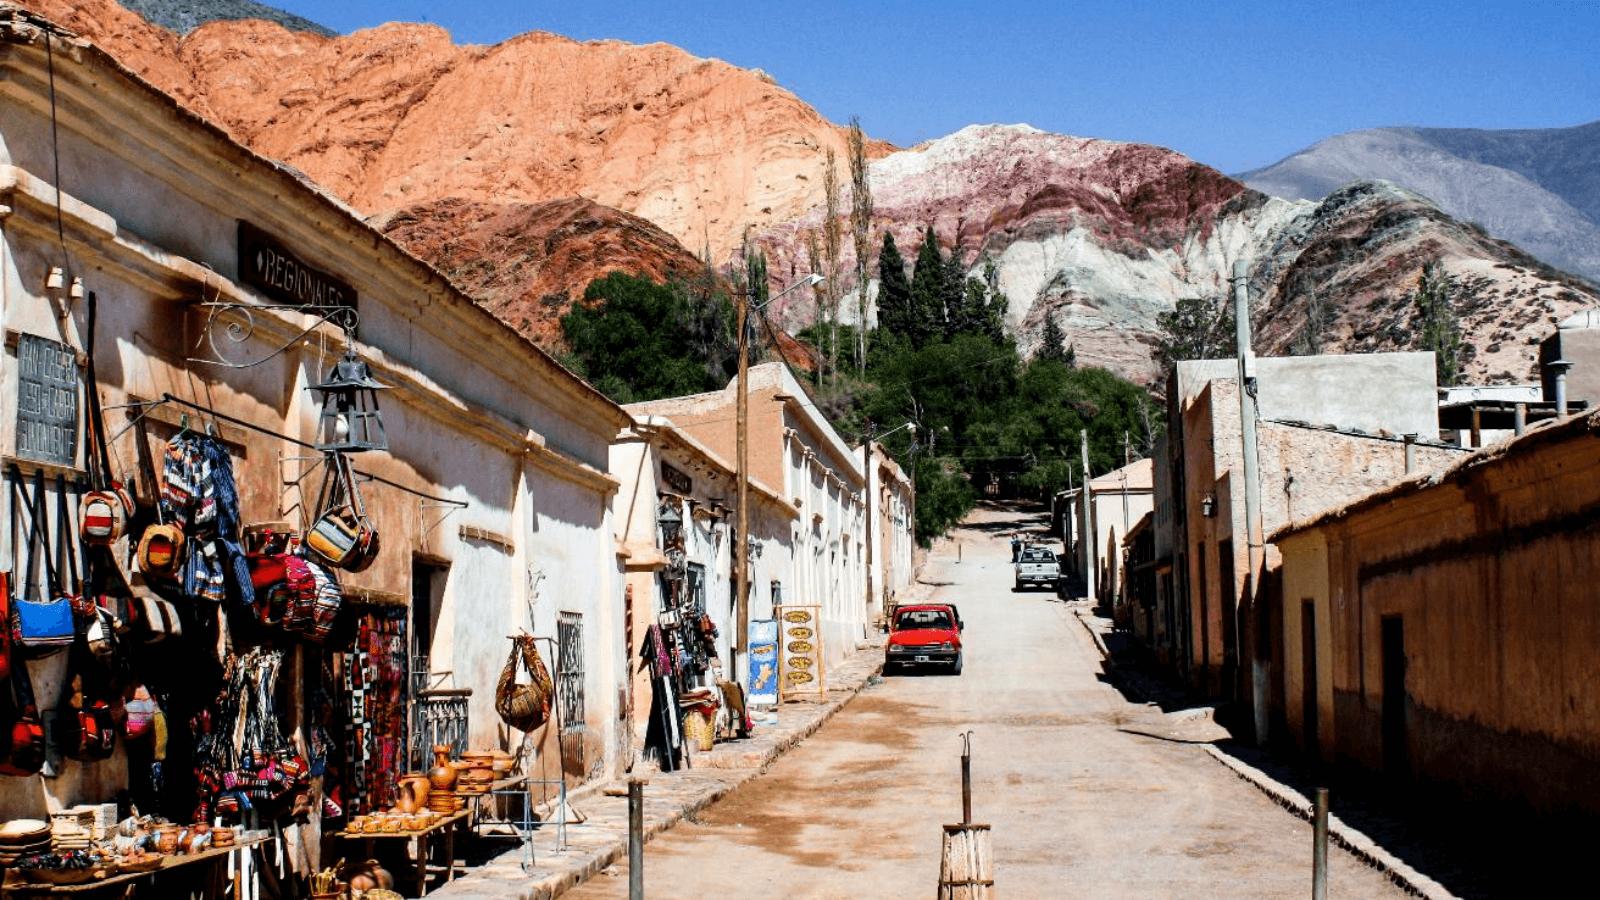 Purmamarca apuesta a la venta online durante la ausencia de turismo productores crearon una plataforma para vender artesanías regionales y productos turísticos por Internet 3